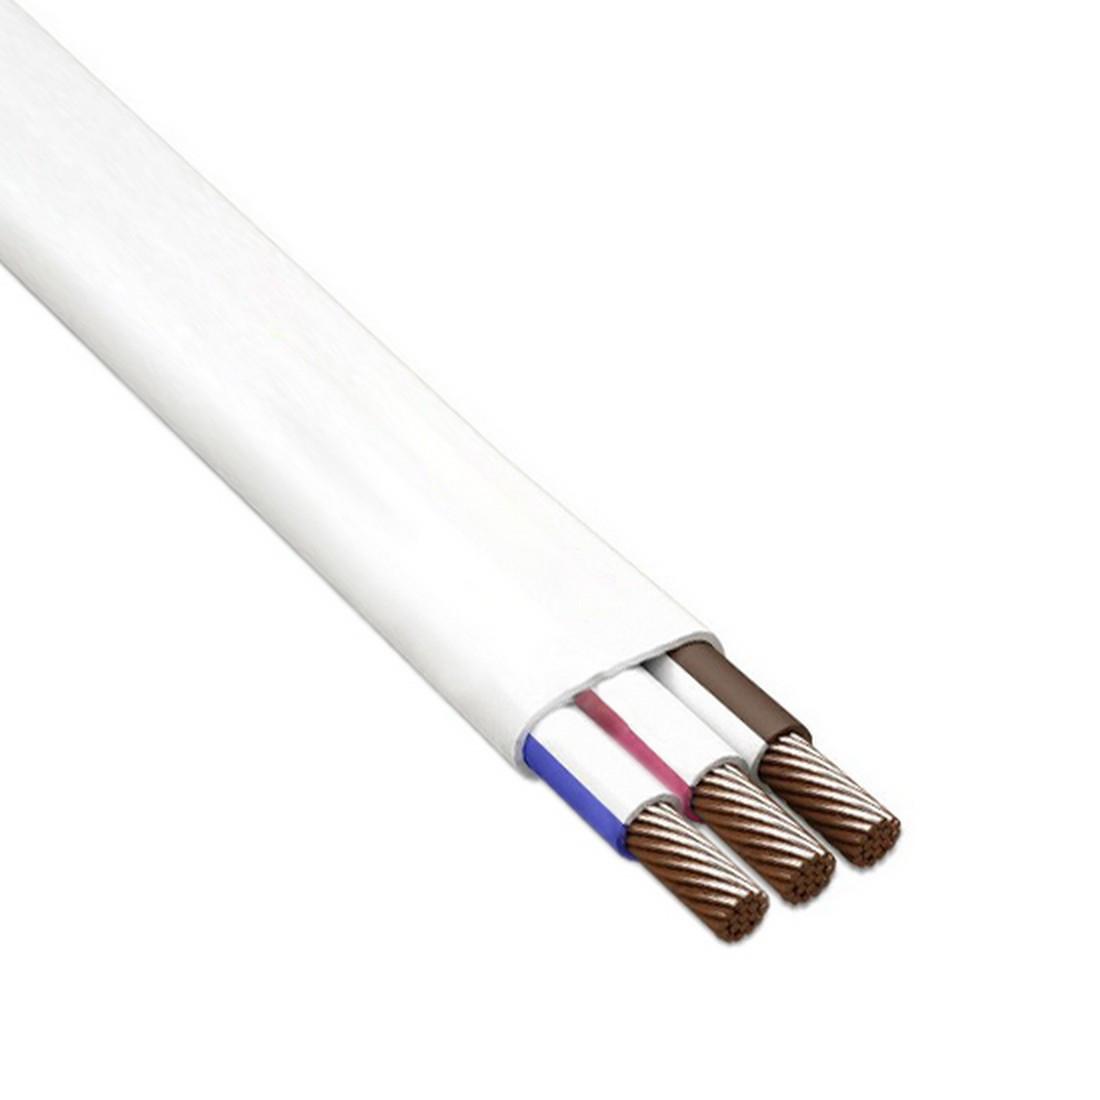 Провод ПВС 3х1.5 (100 м/б)